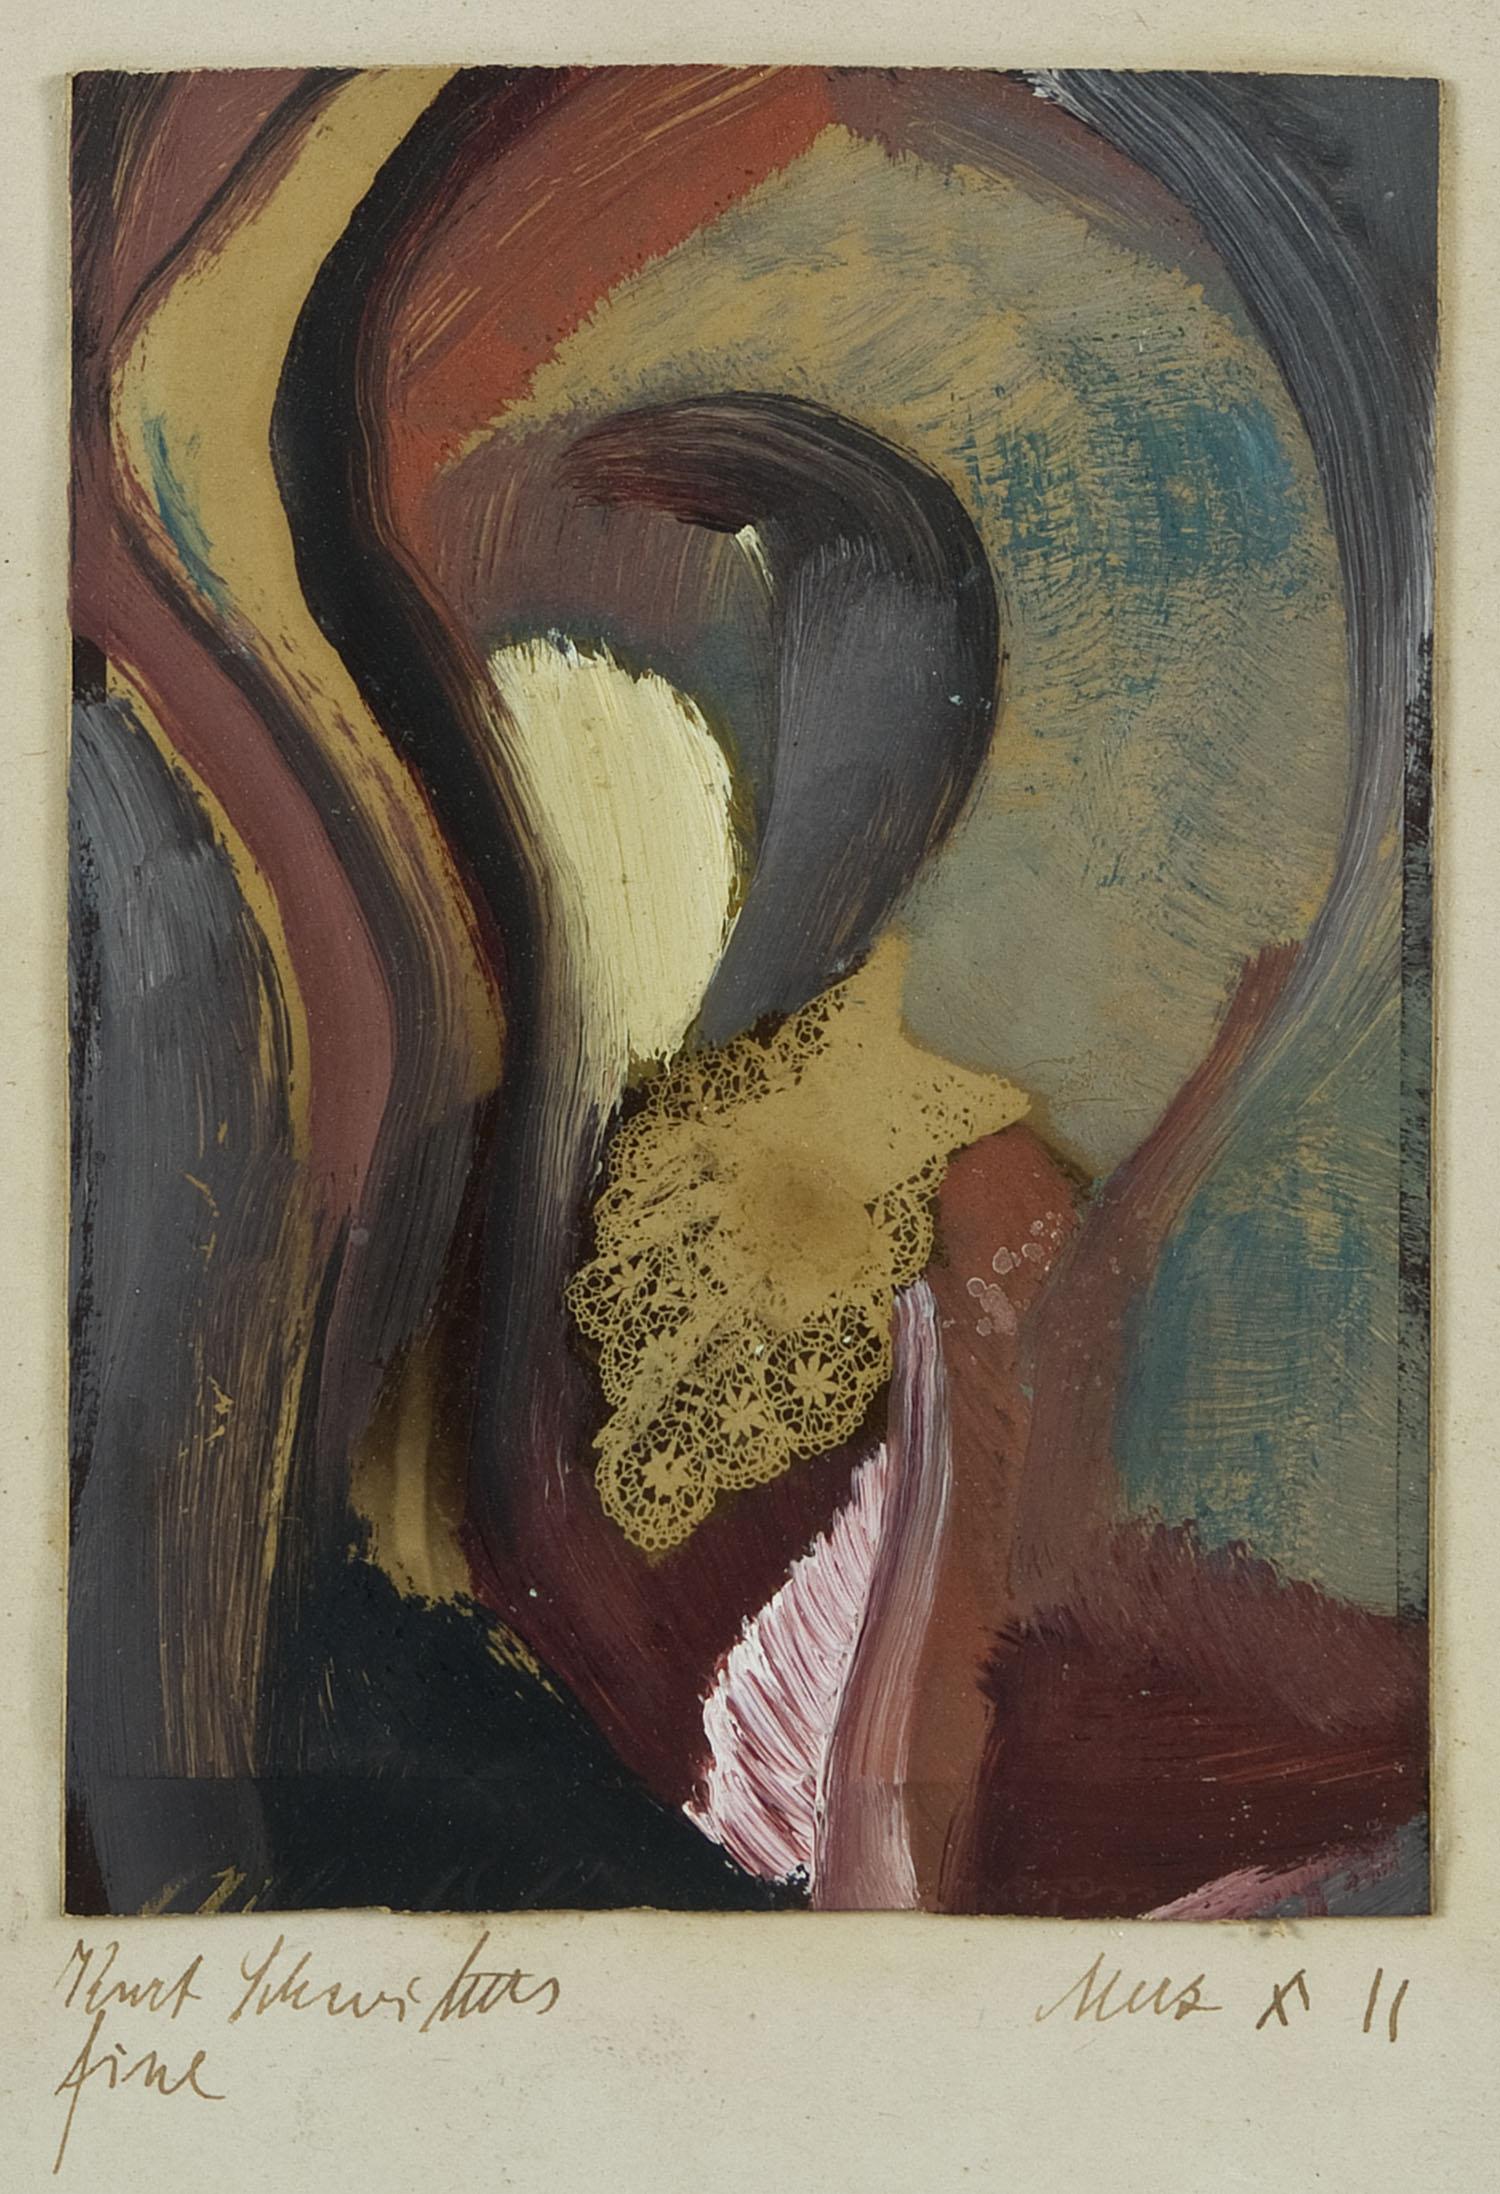 Fine   1911   Öl auf Leinwand auf Papier, Collage   14 x 11 cm